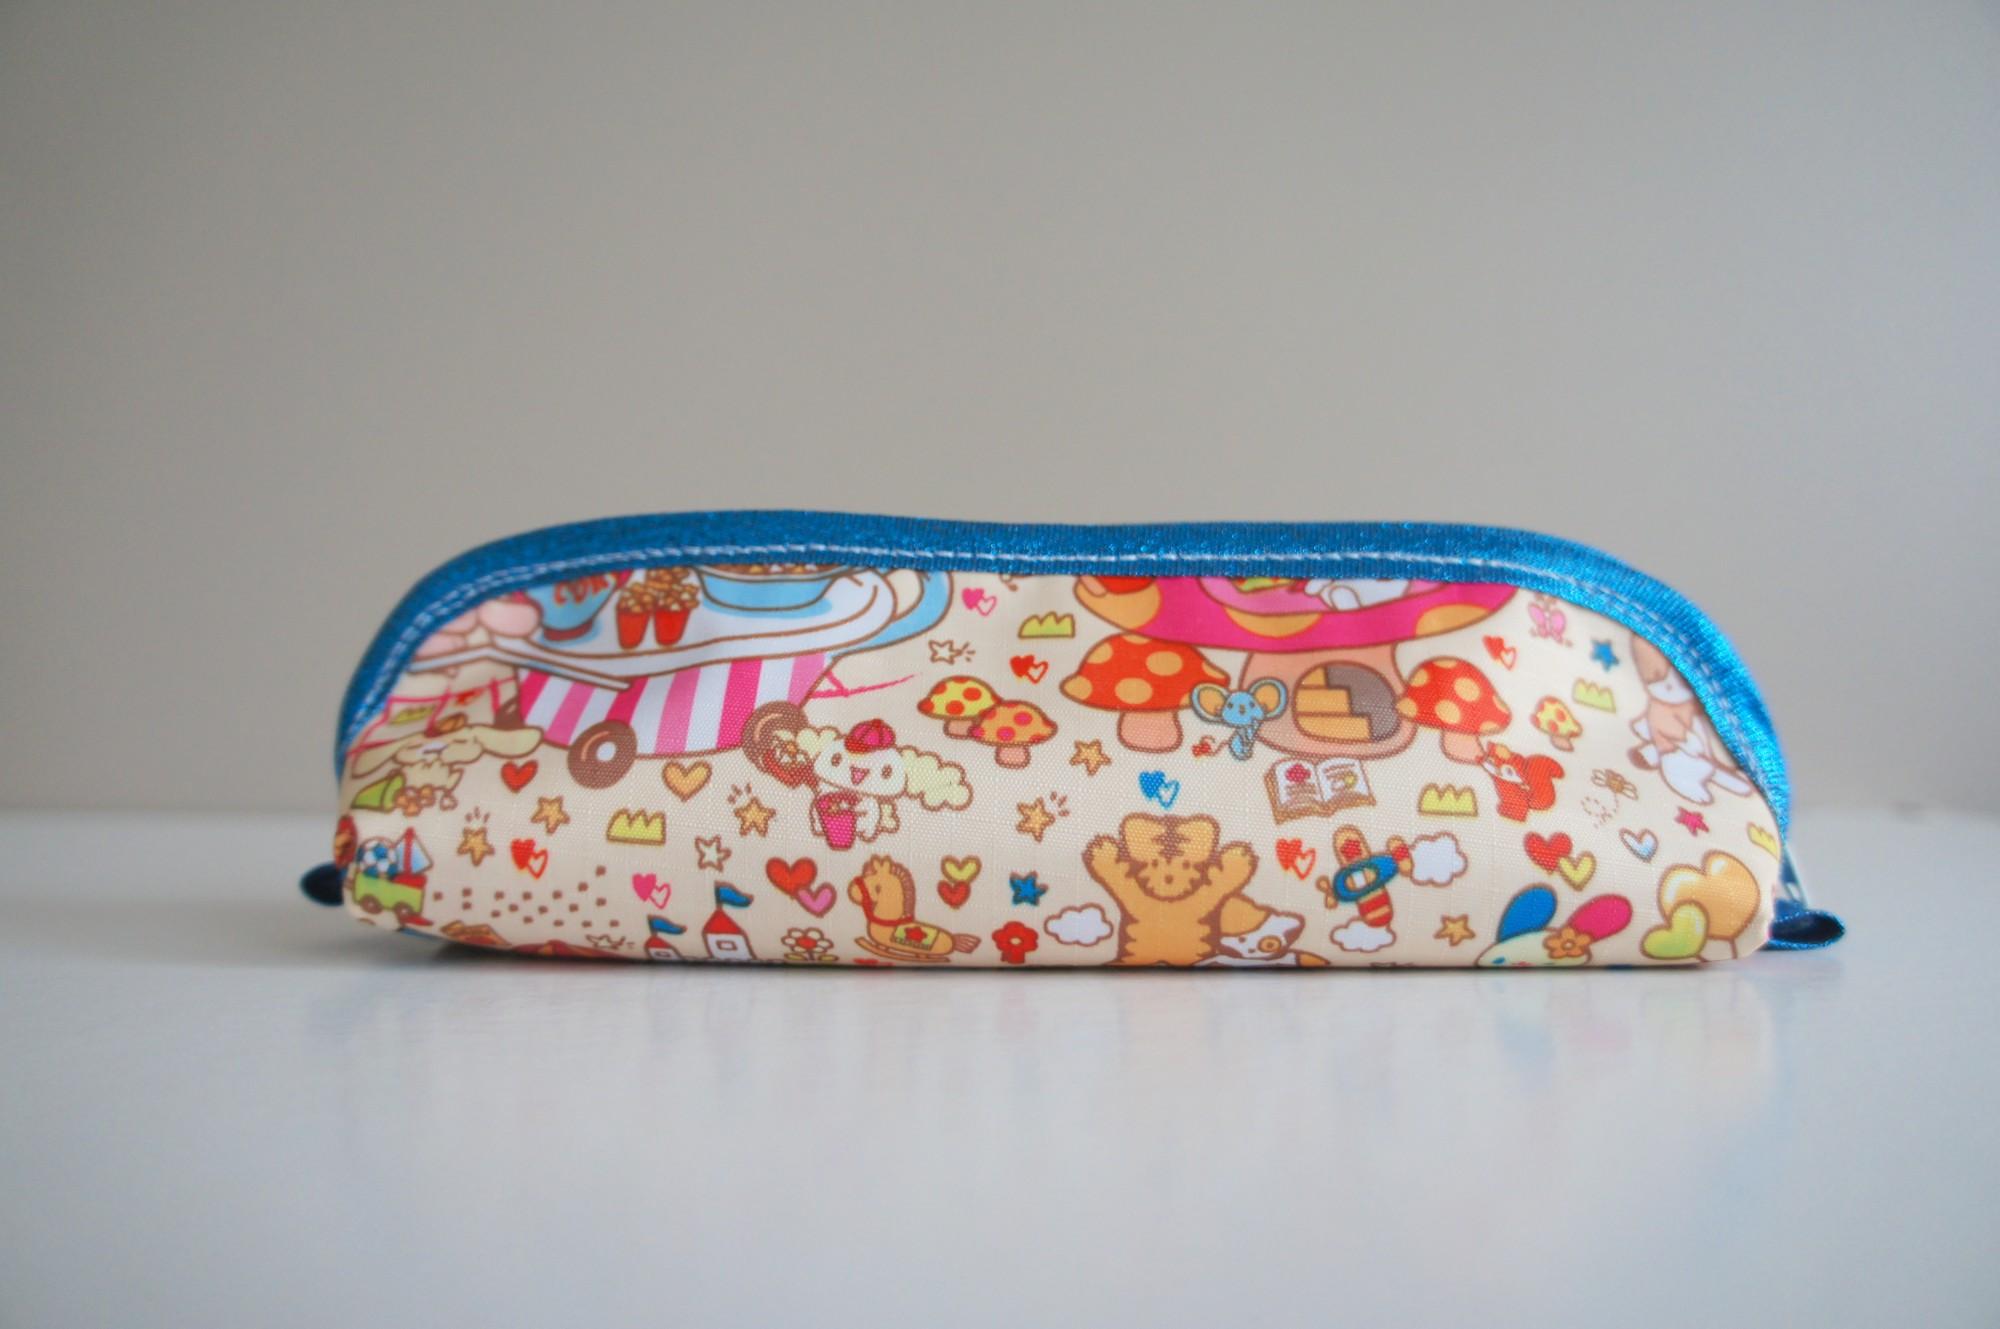 Petite trousse à stylos - Derrière, avec Cinnamoroll et d'autres personnages Sanrio